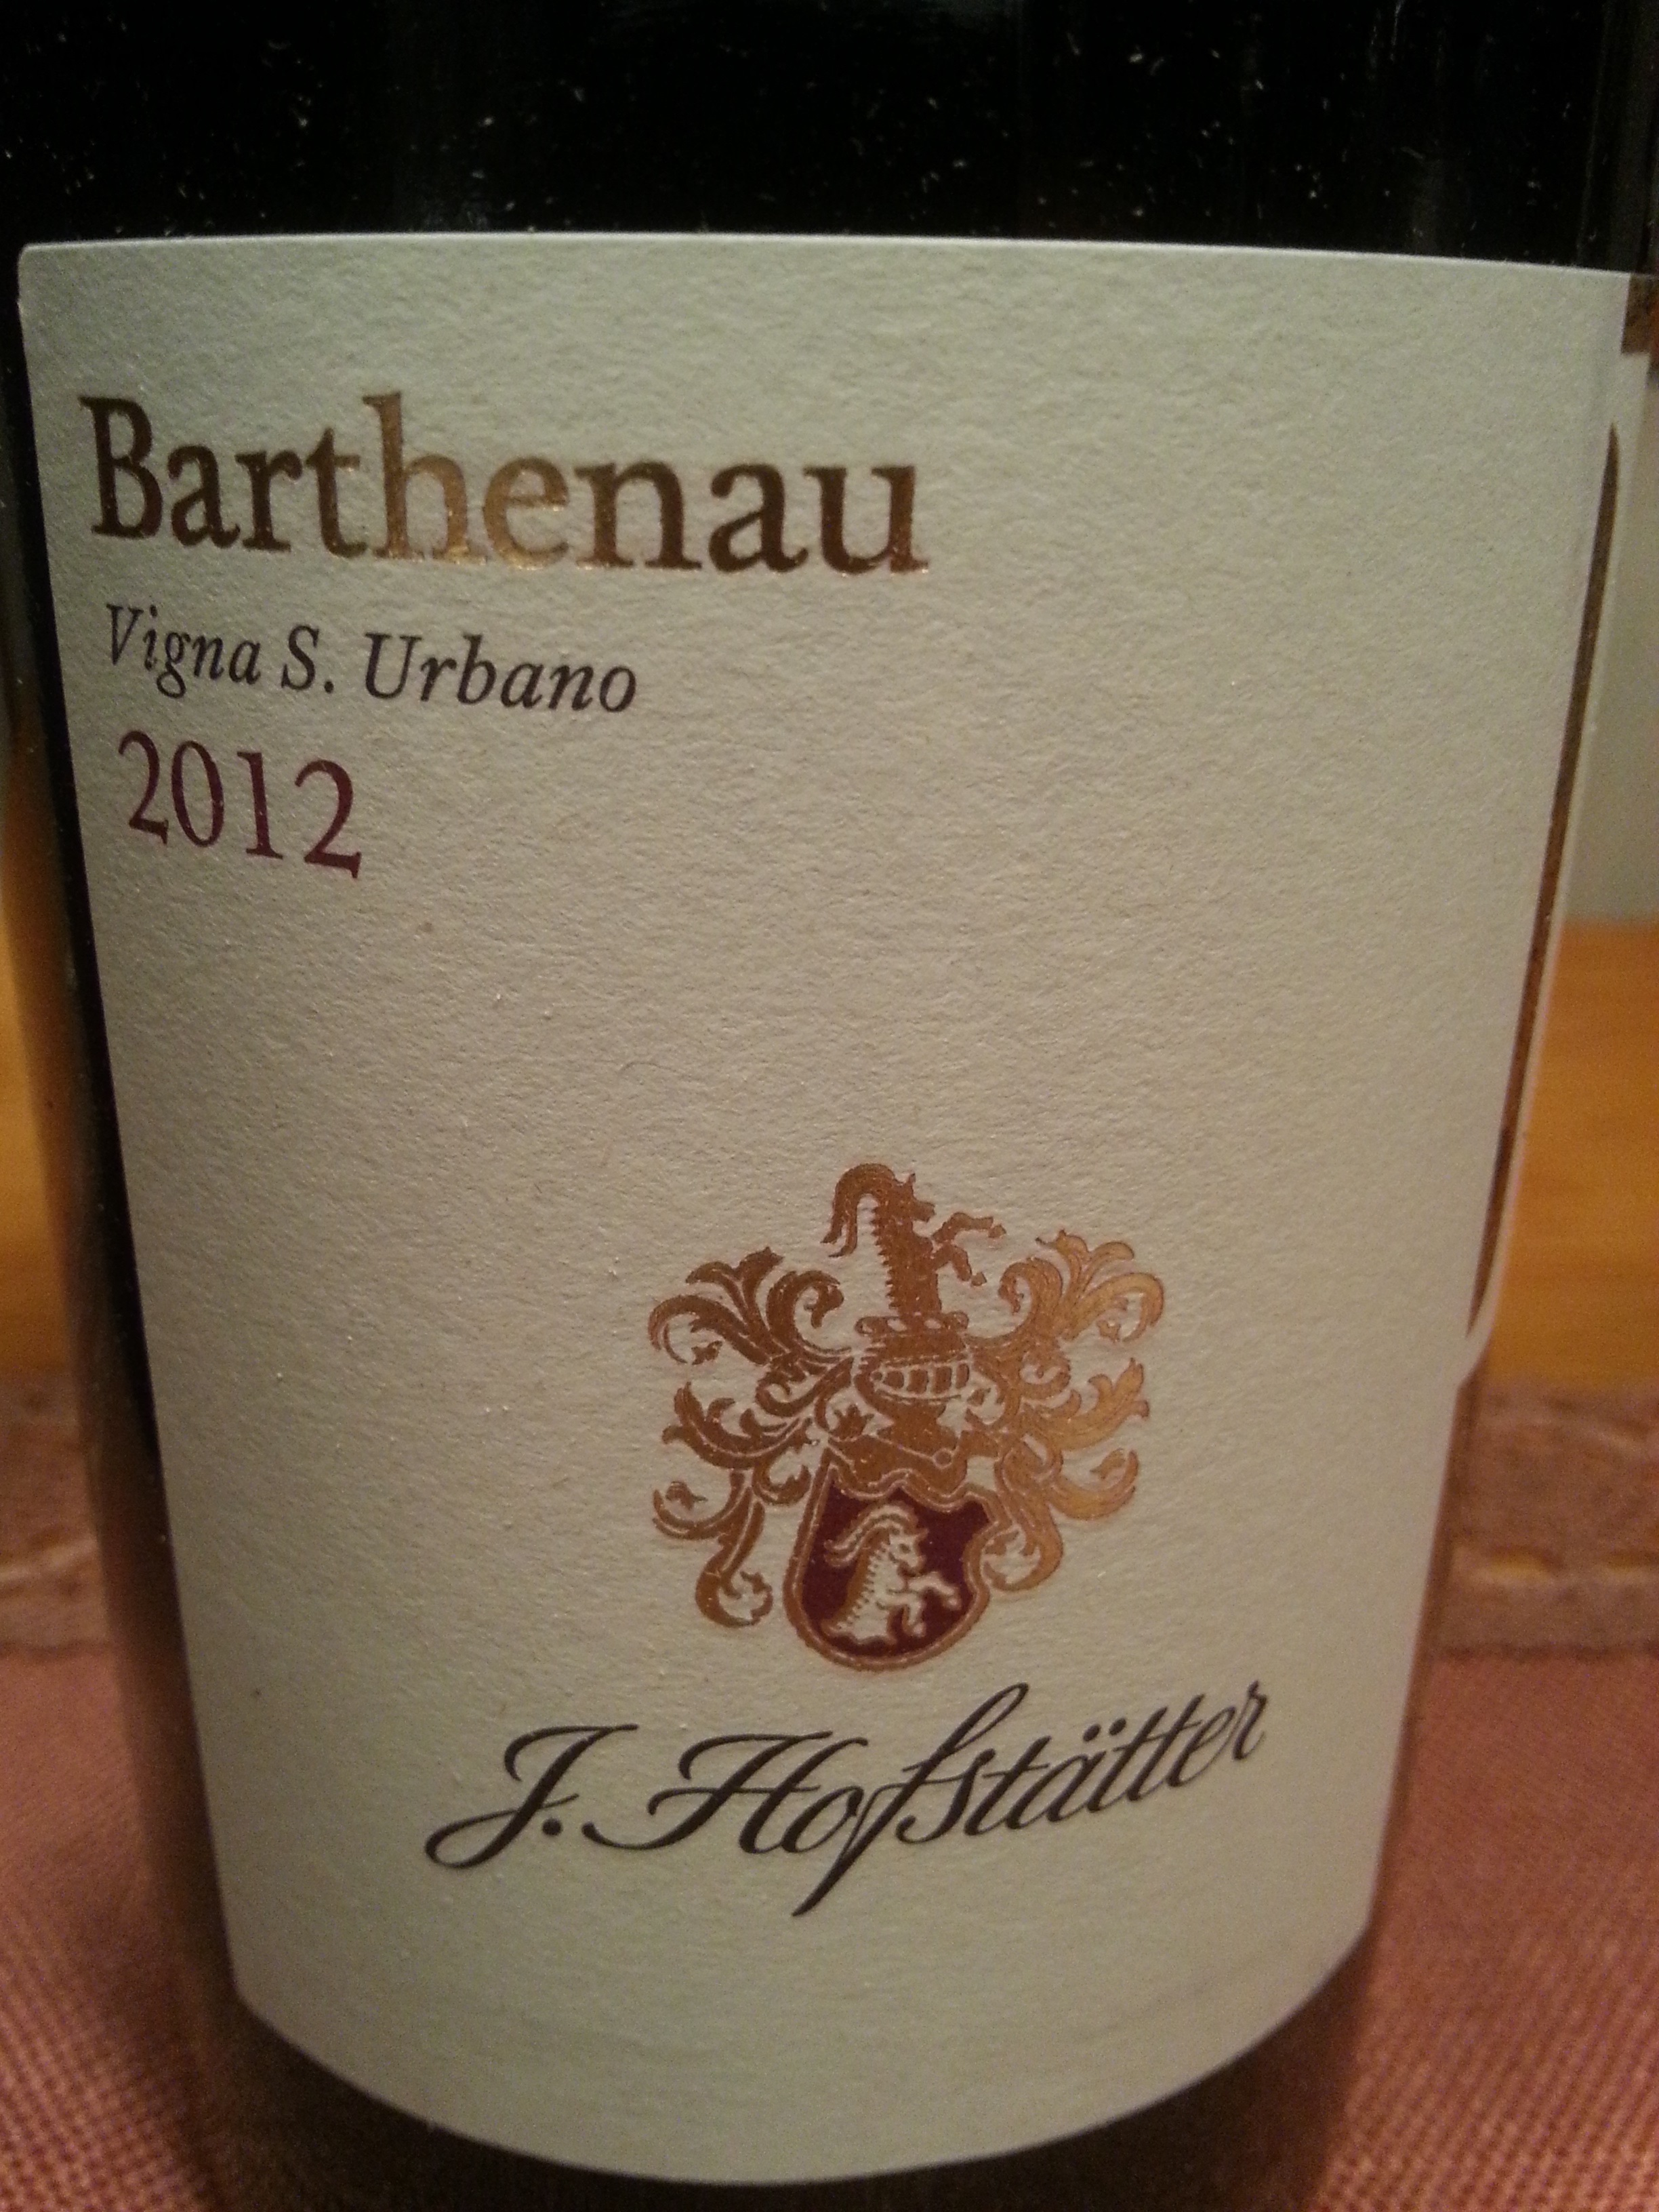 2012 Pinot Nero Barthenau Vigna S. Urbano   Hofstätter